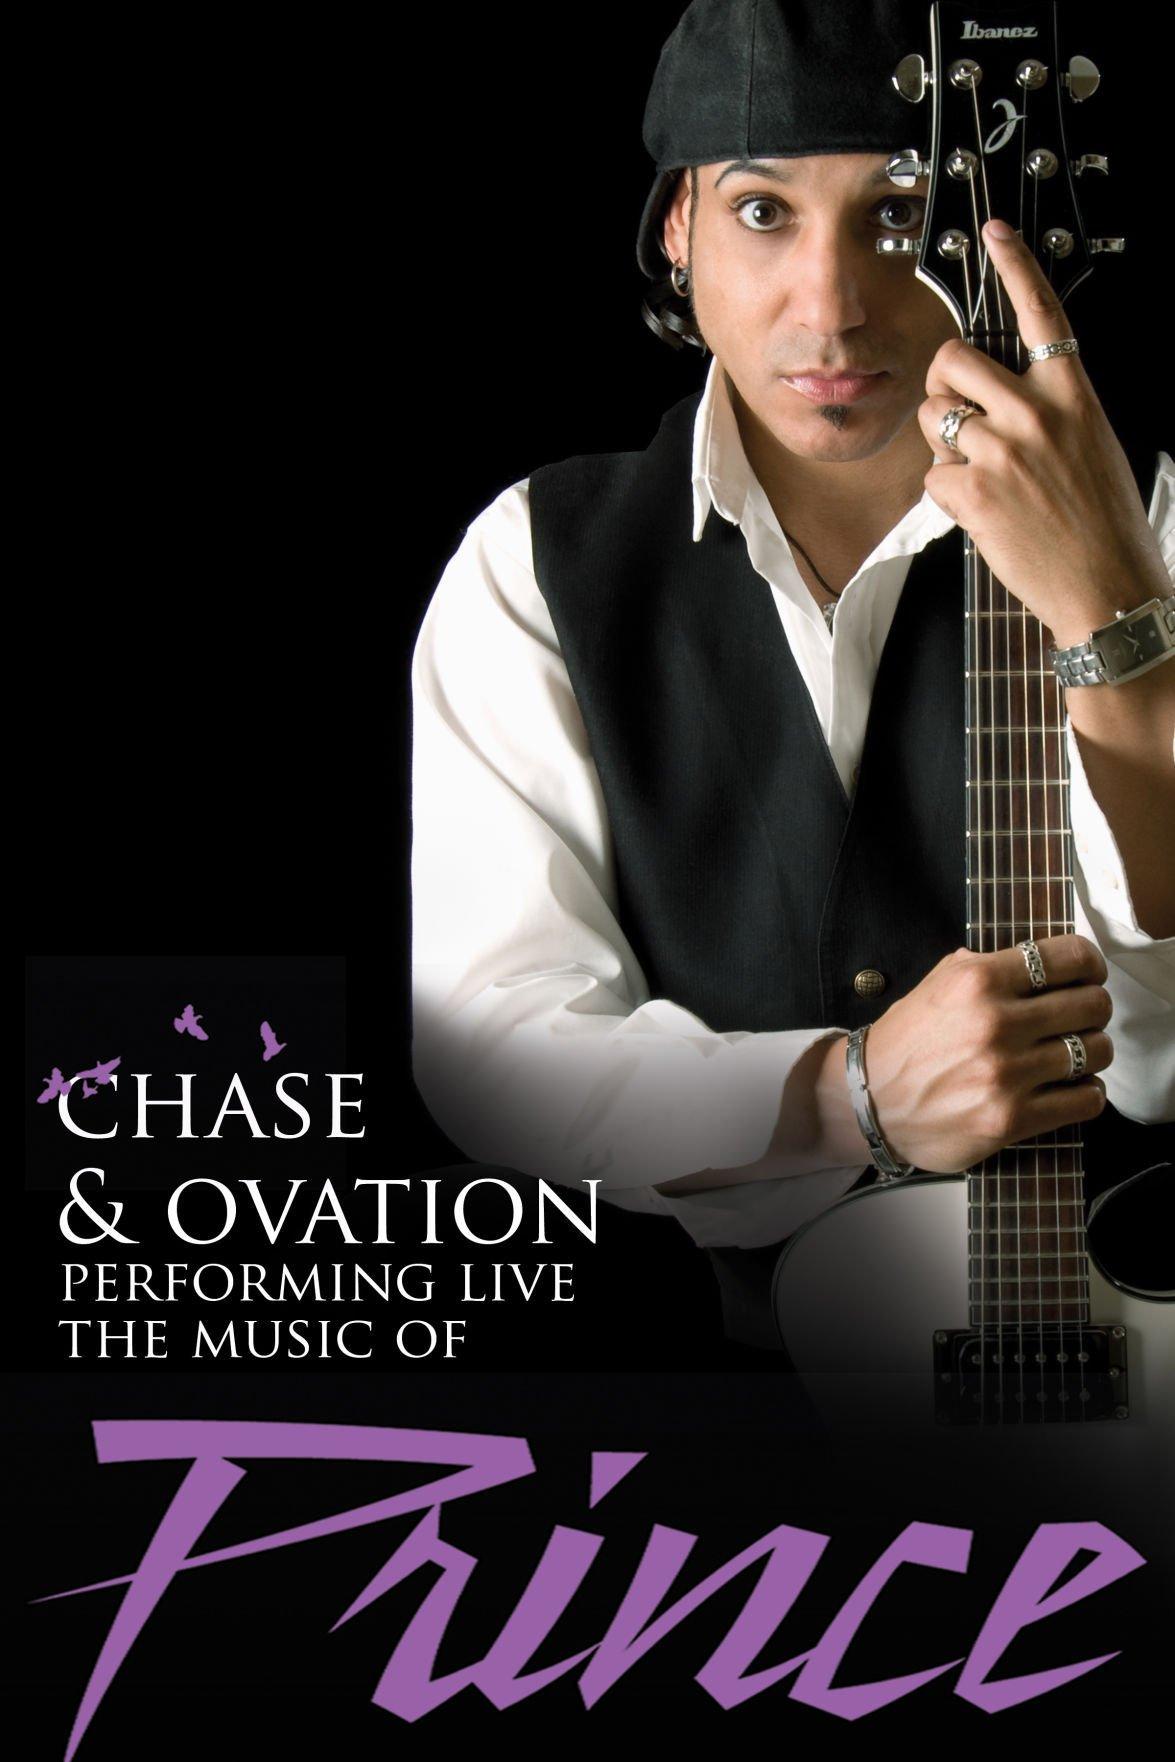 Chase & Ovation